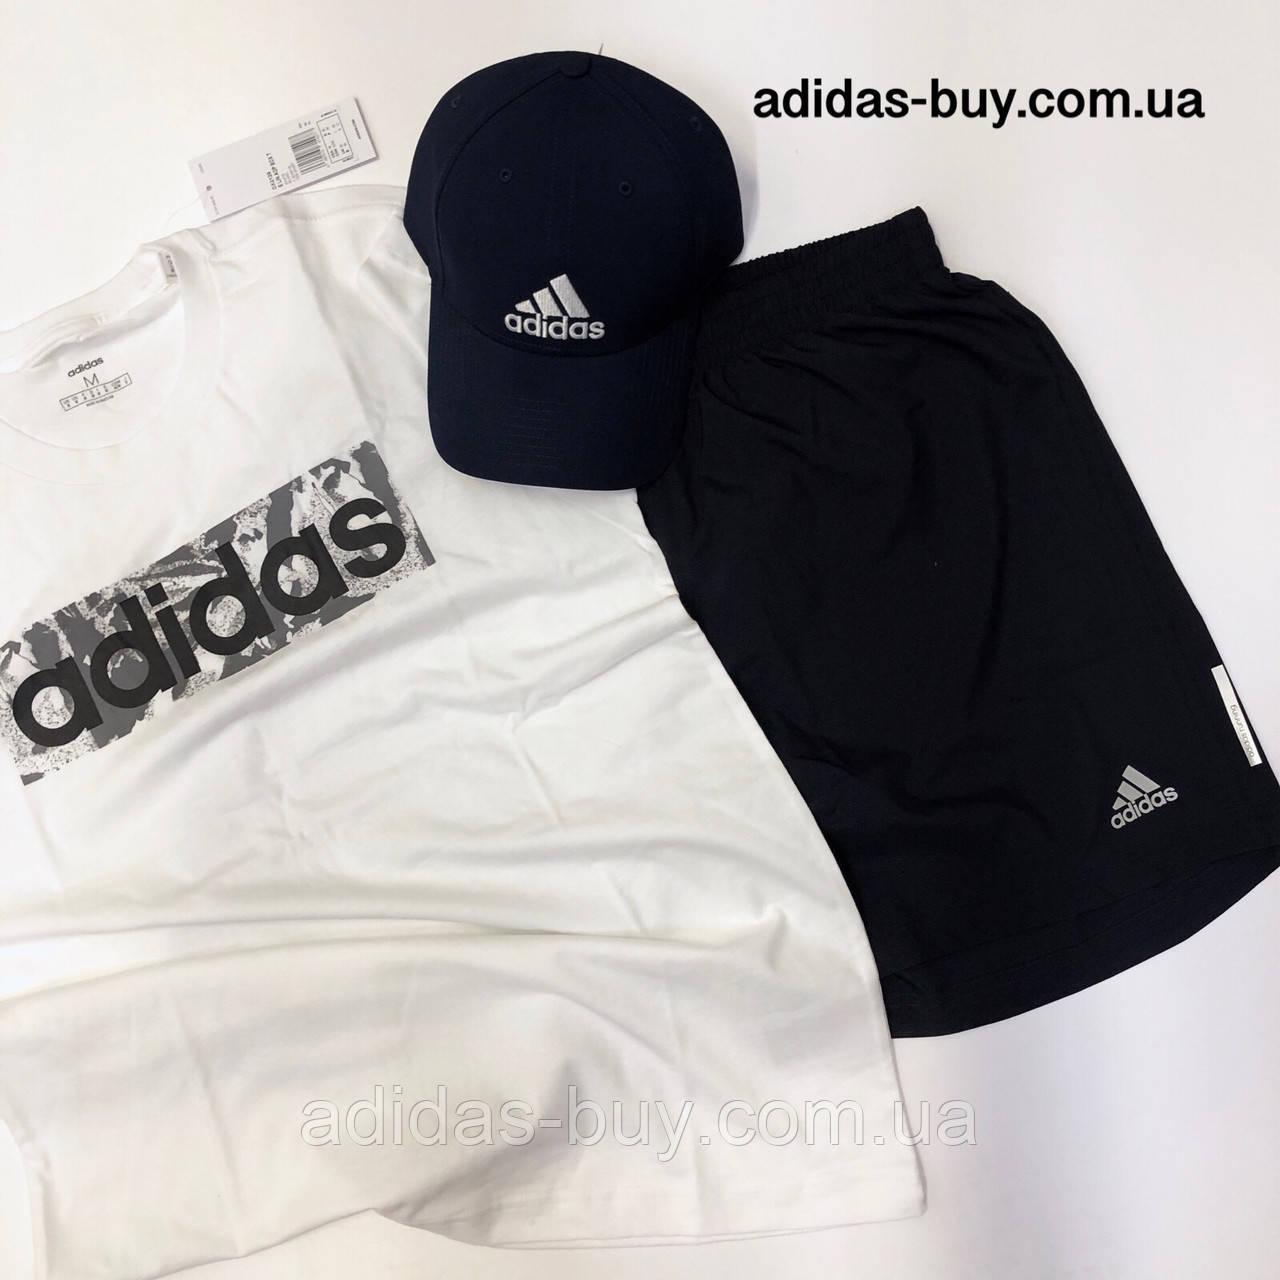 fb550c2ed0c14 Спортивный костюм adidas шорты и футболка комплект мужской оригинал DX2129  цвет: тёмно-синий/